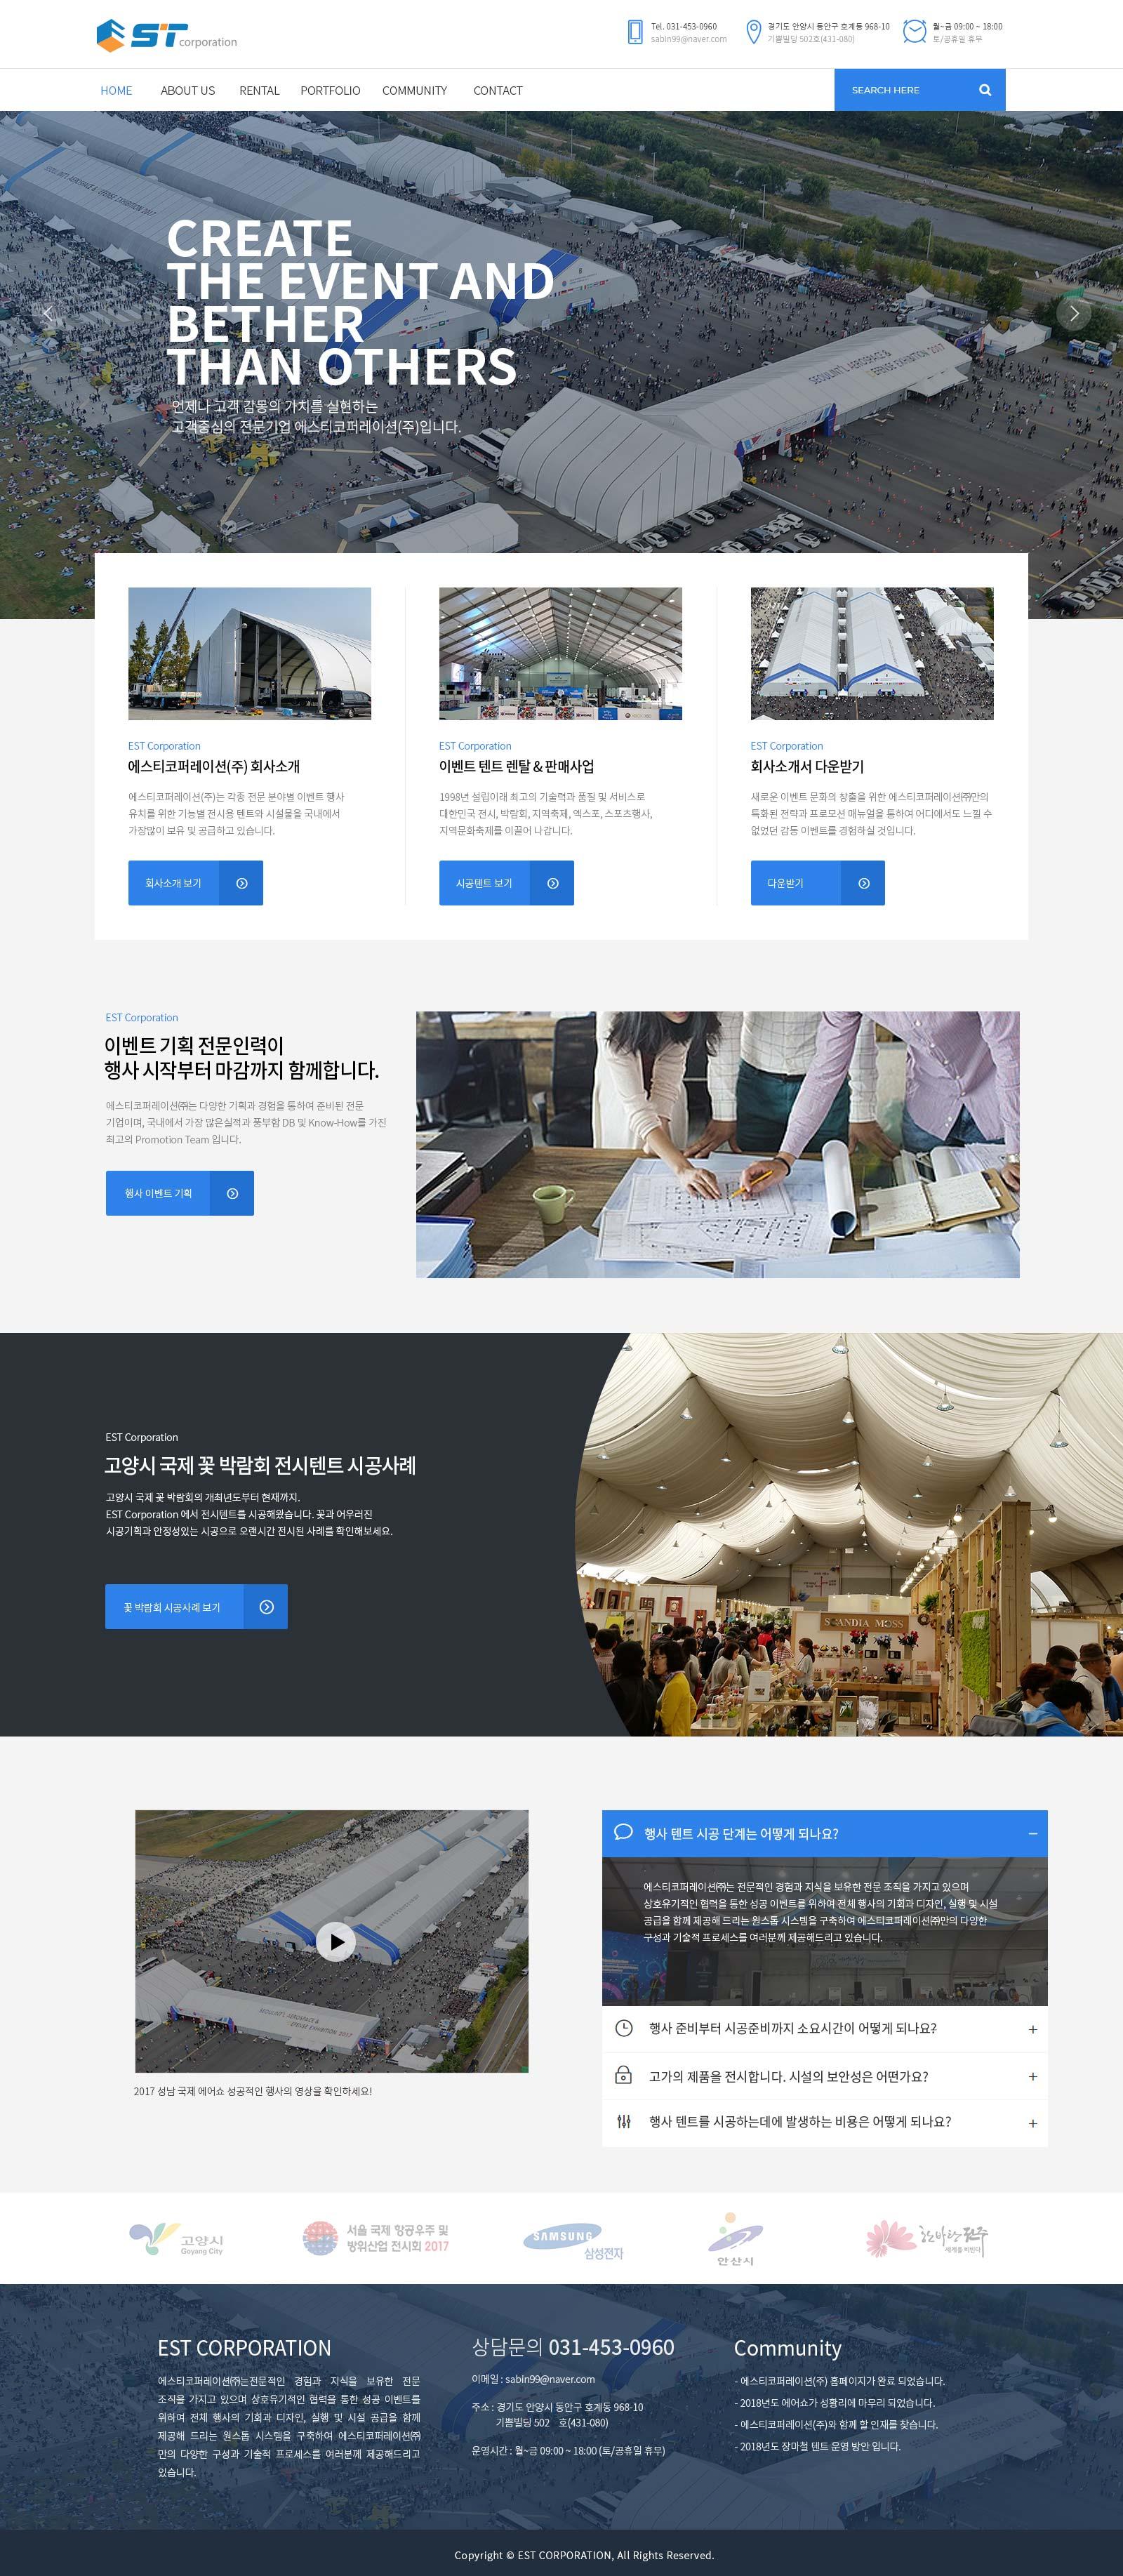 02_에스티코퍼레이션_메인-디자인